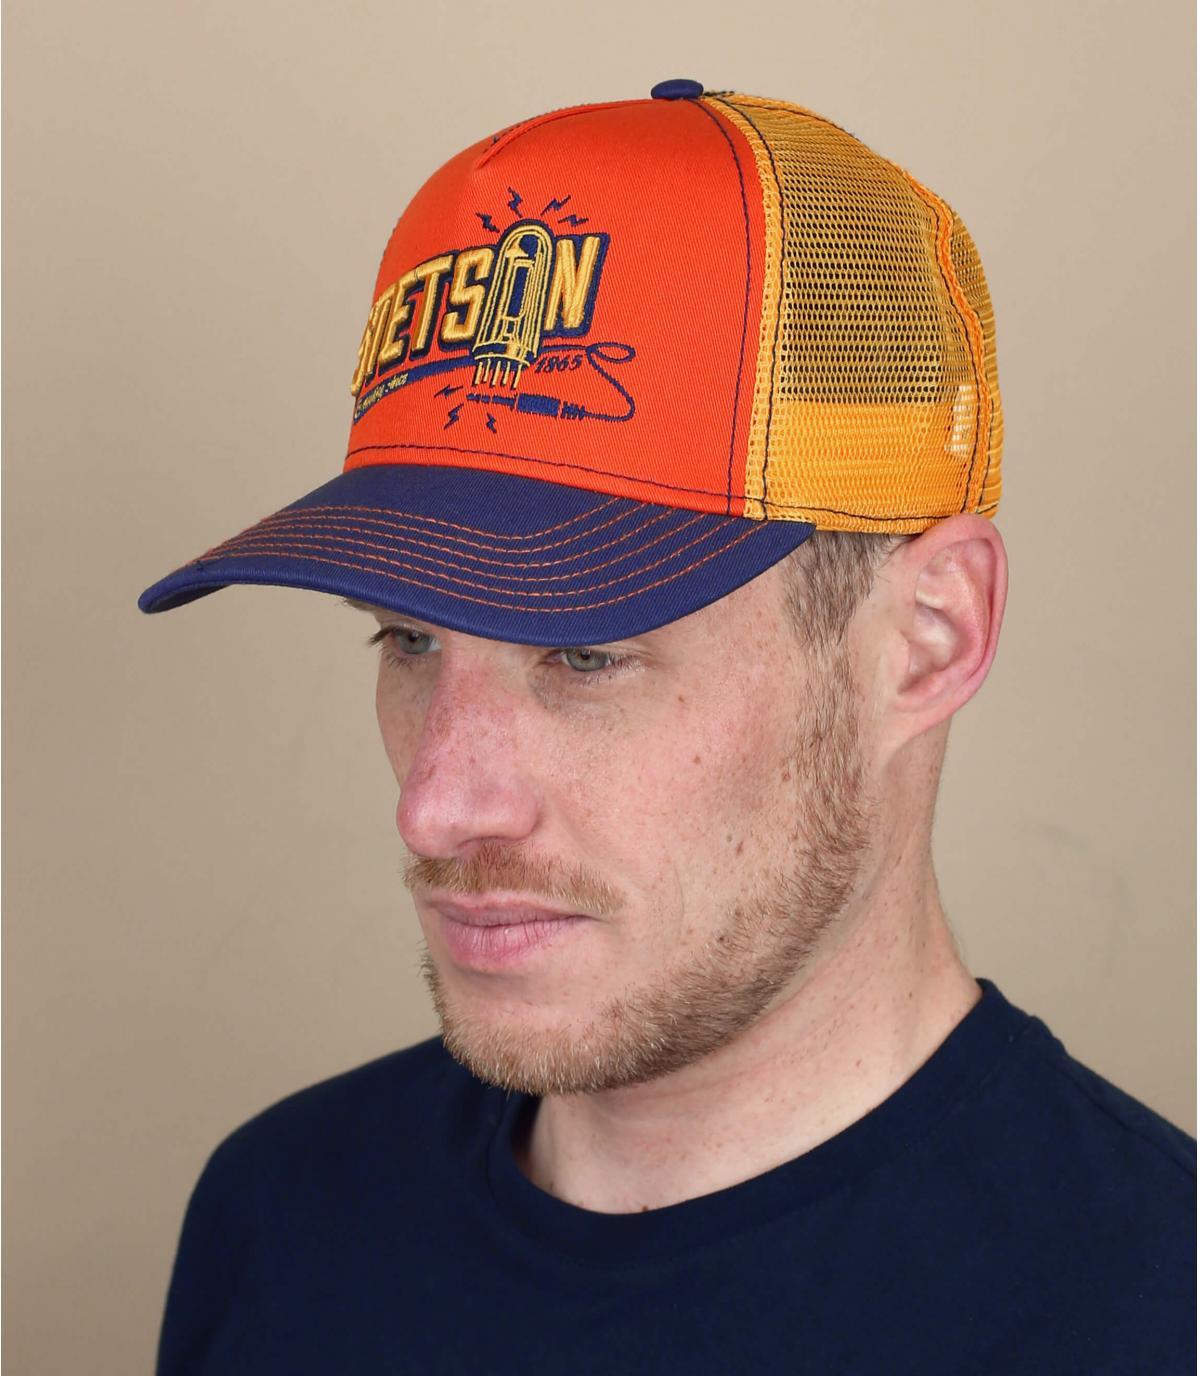 camionista arancione di Stetson